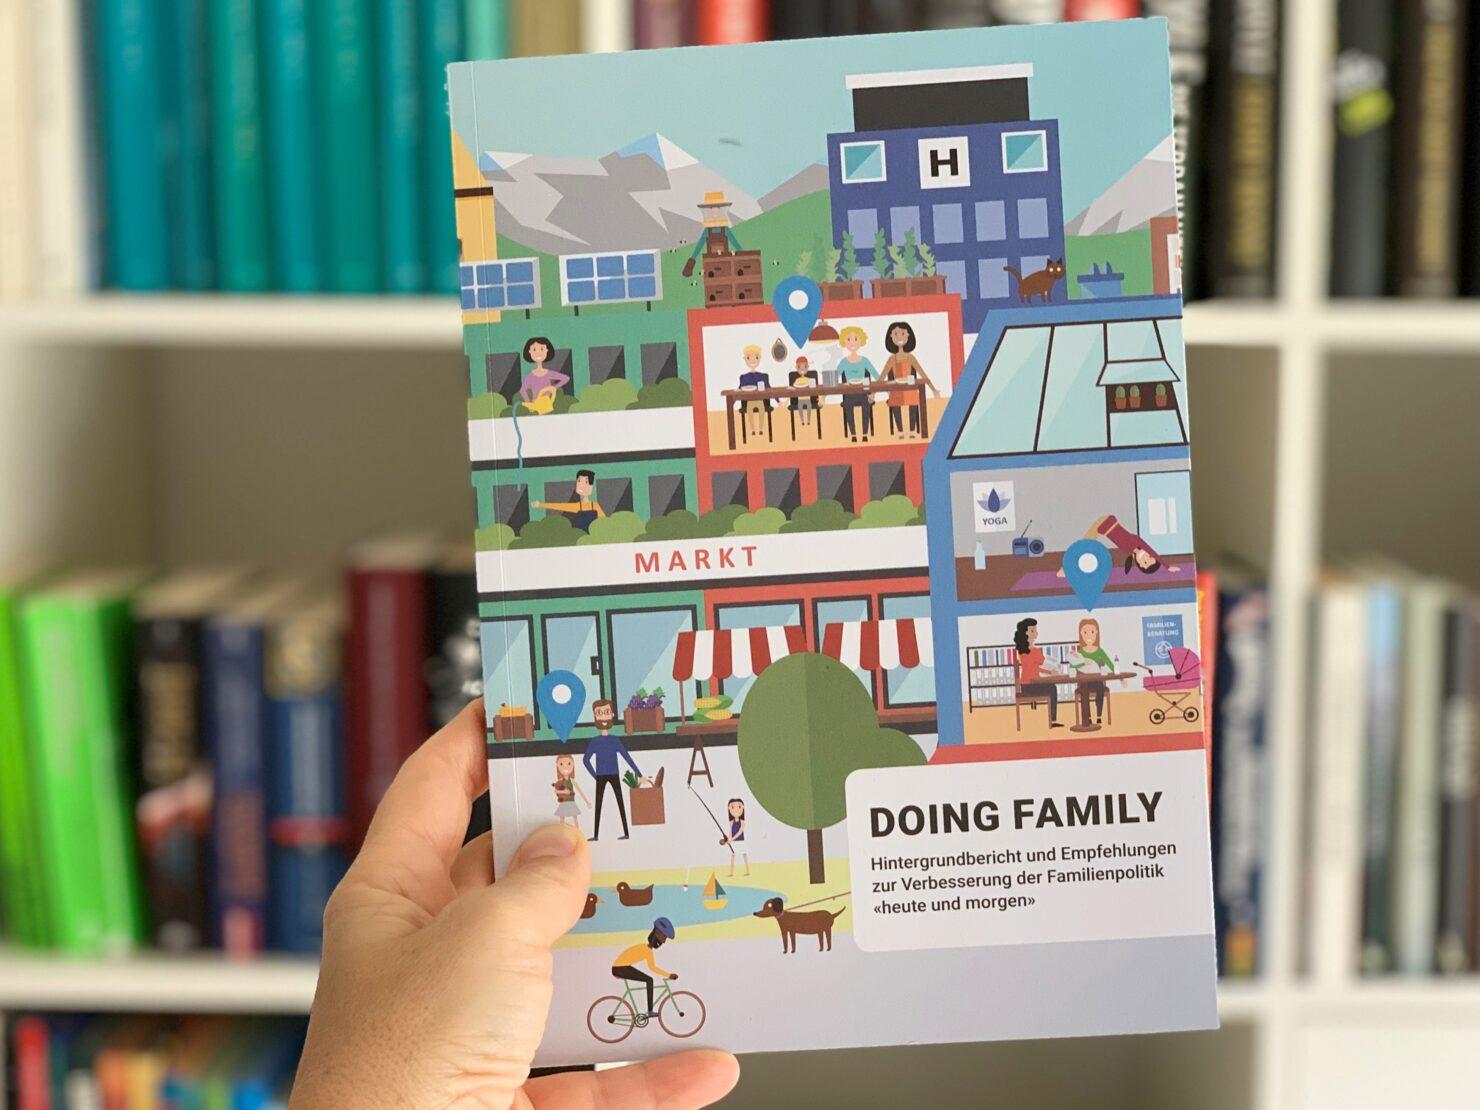 Doing Family & New Work - Familienkonzepte und ihre Wirkung auf Arbeitsmodelle